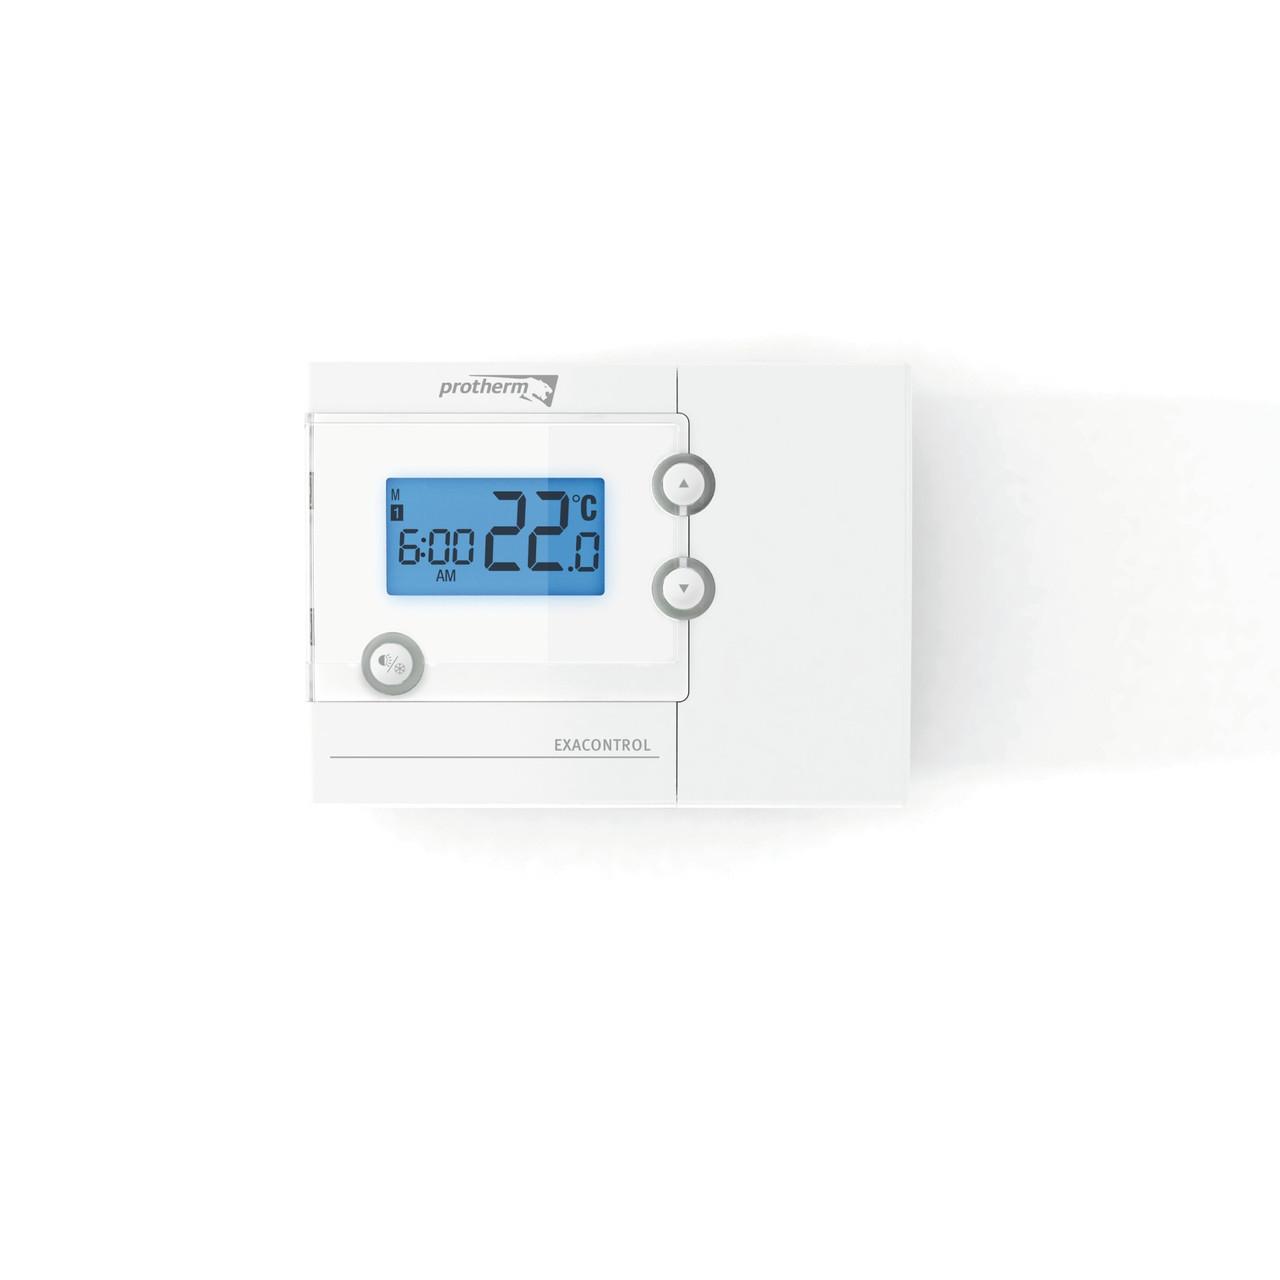 Комнатный регулятор температуры с релейным выходом Protherm EXACONTROL 7